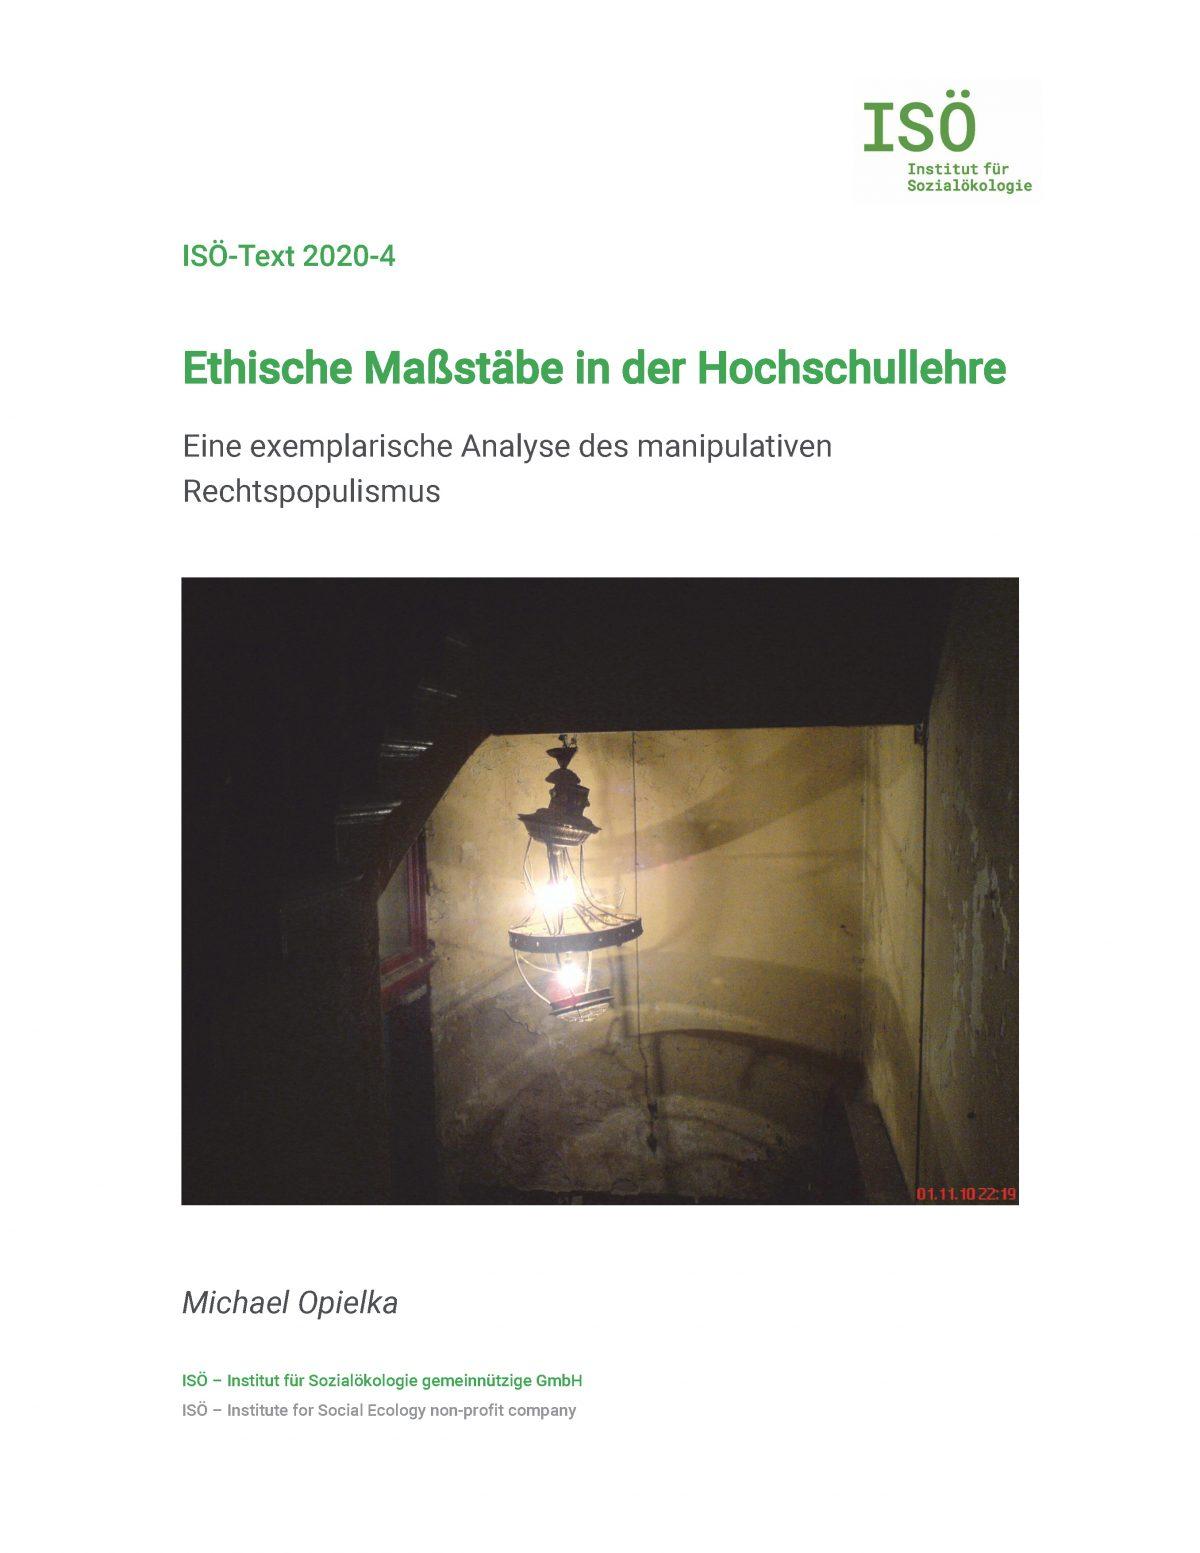 Michael Opielka, Ethische Maßstäbe in der Hochschullehre. Eine exemplarische Analyse des manipulativen Rechtspopulismus (ISÖ-Text 2020-4)